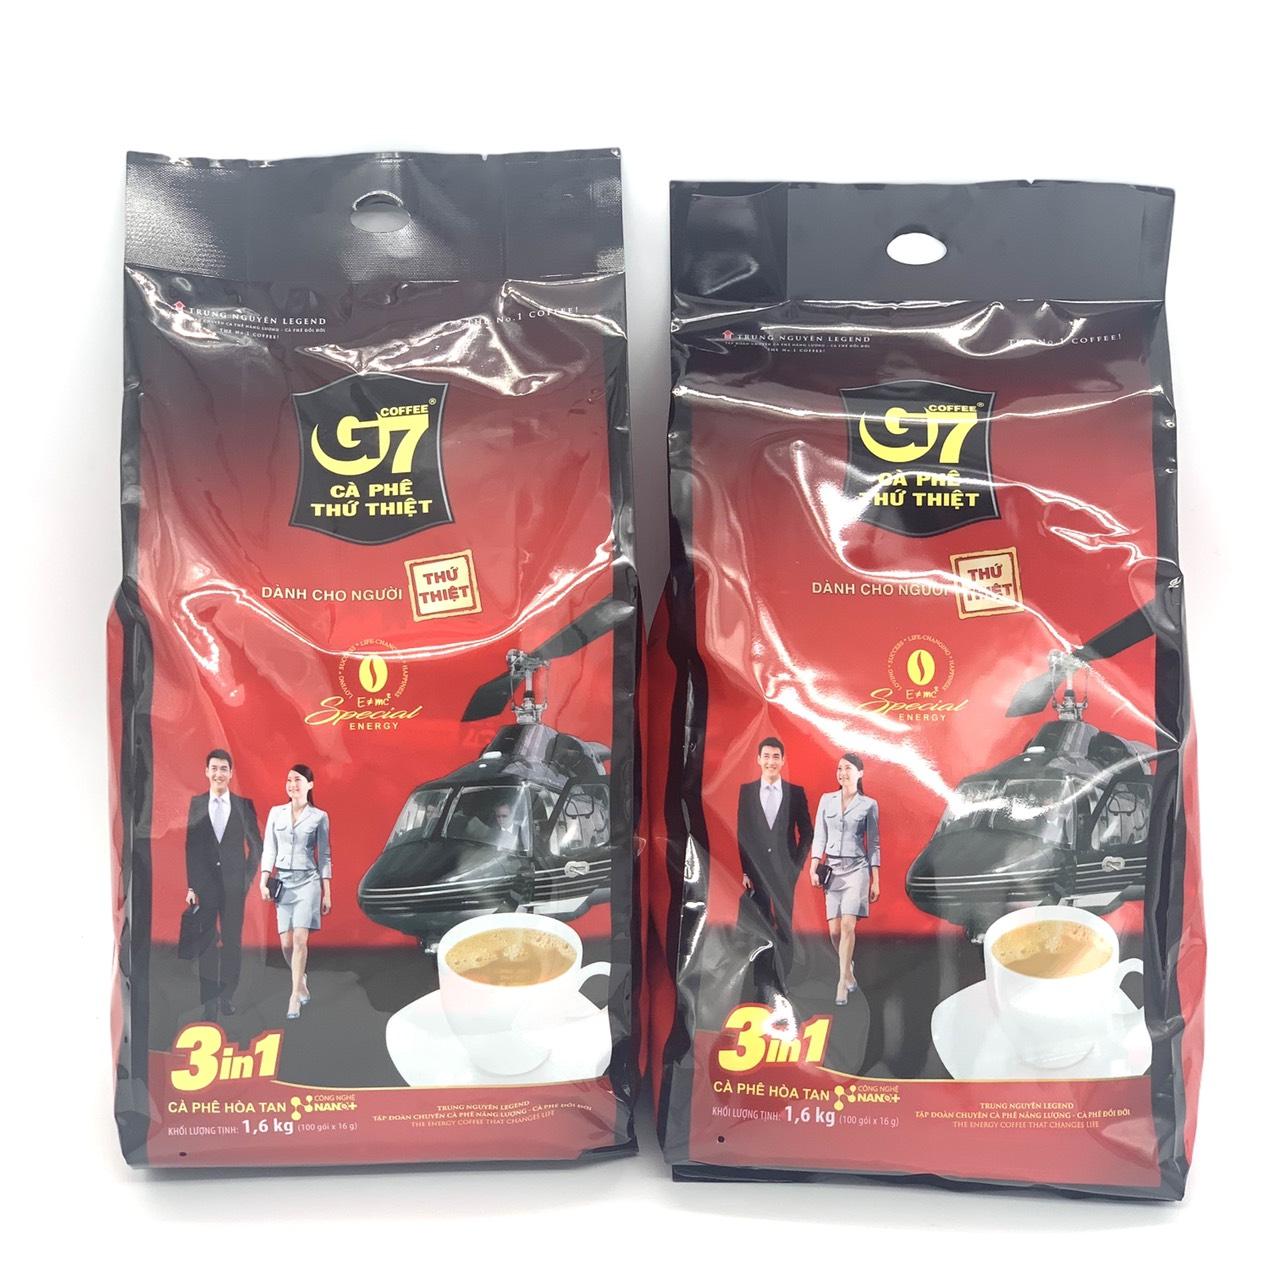 Cà Phê Sữa G7 3in1 Trung Nguyên ( Bịch 100 Gói x 16gam).